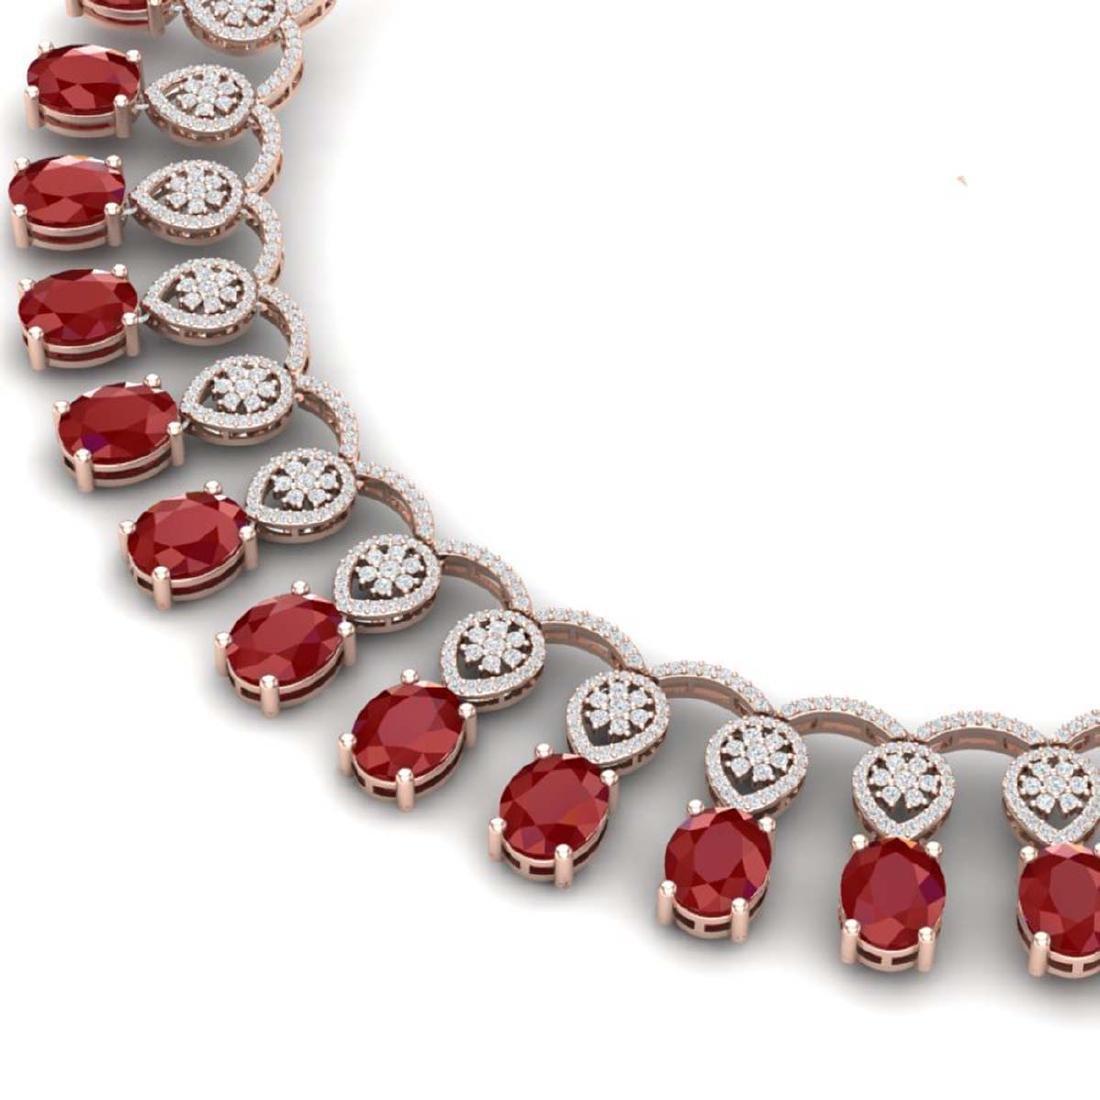 54.05 CTW Royalty Ruby & VS Diamond Necklace 18K Rose - 2